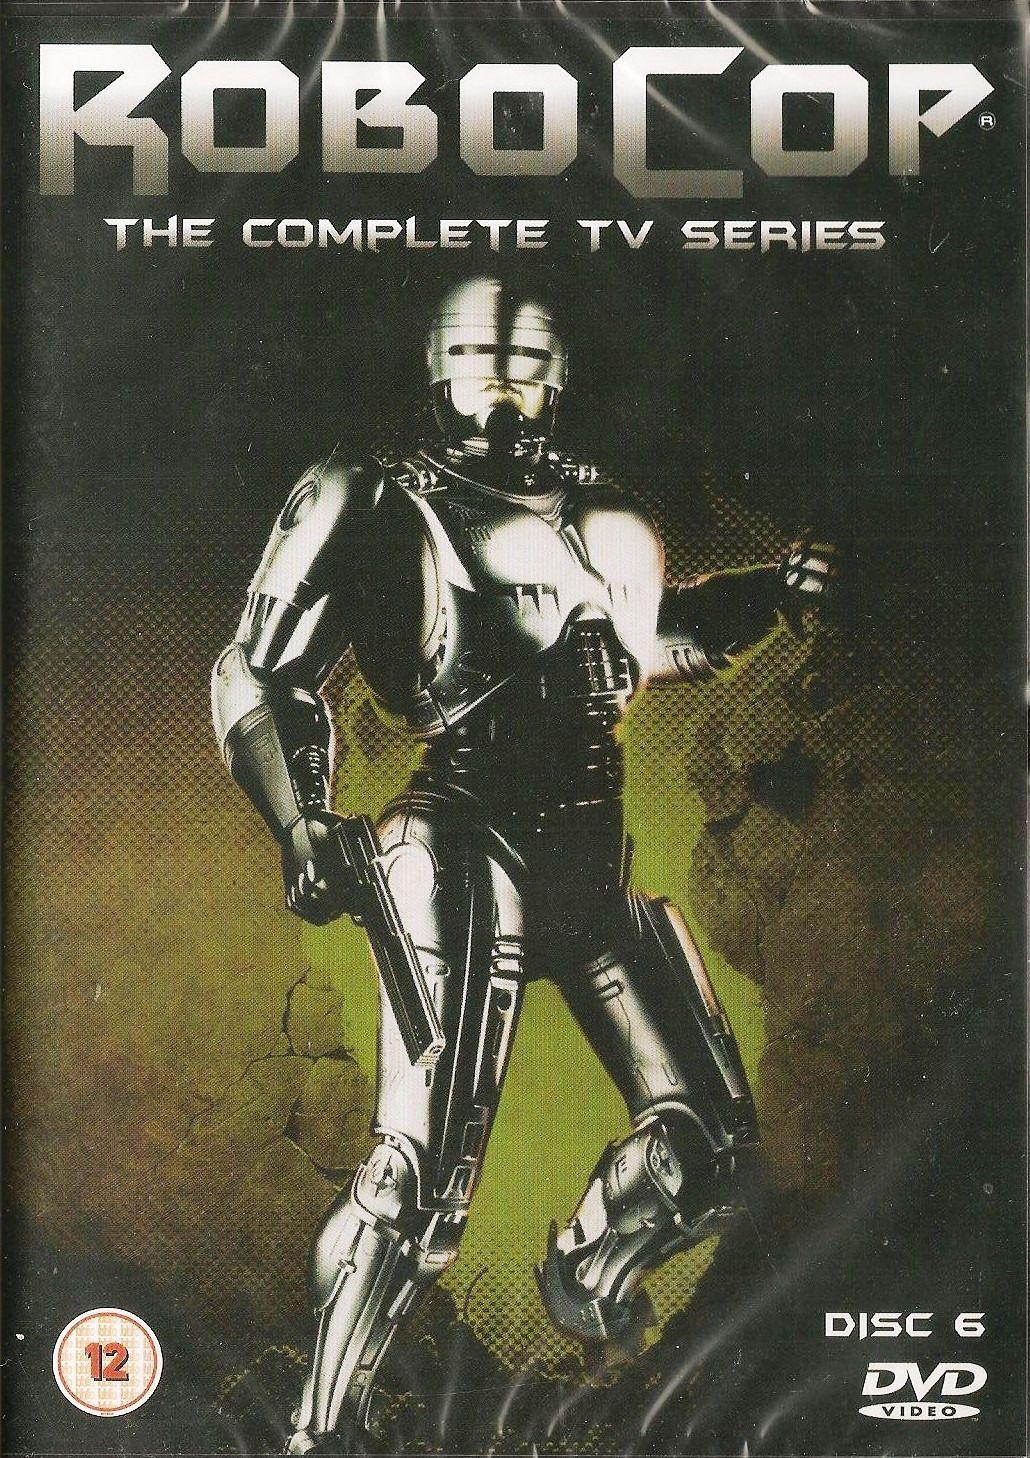 - Robocop : The Complete TV Series DVD - Disc 6 - NEW